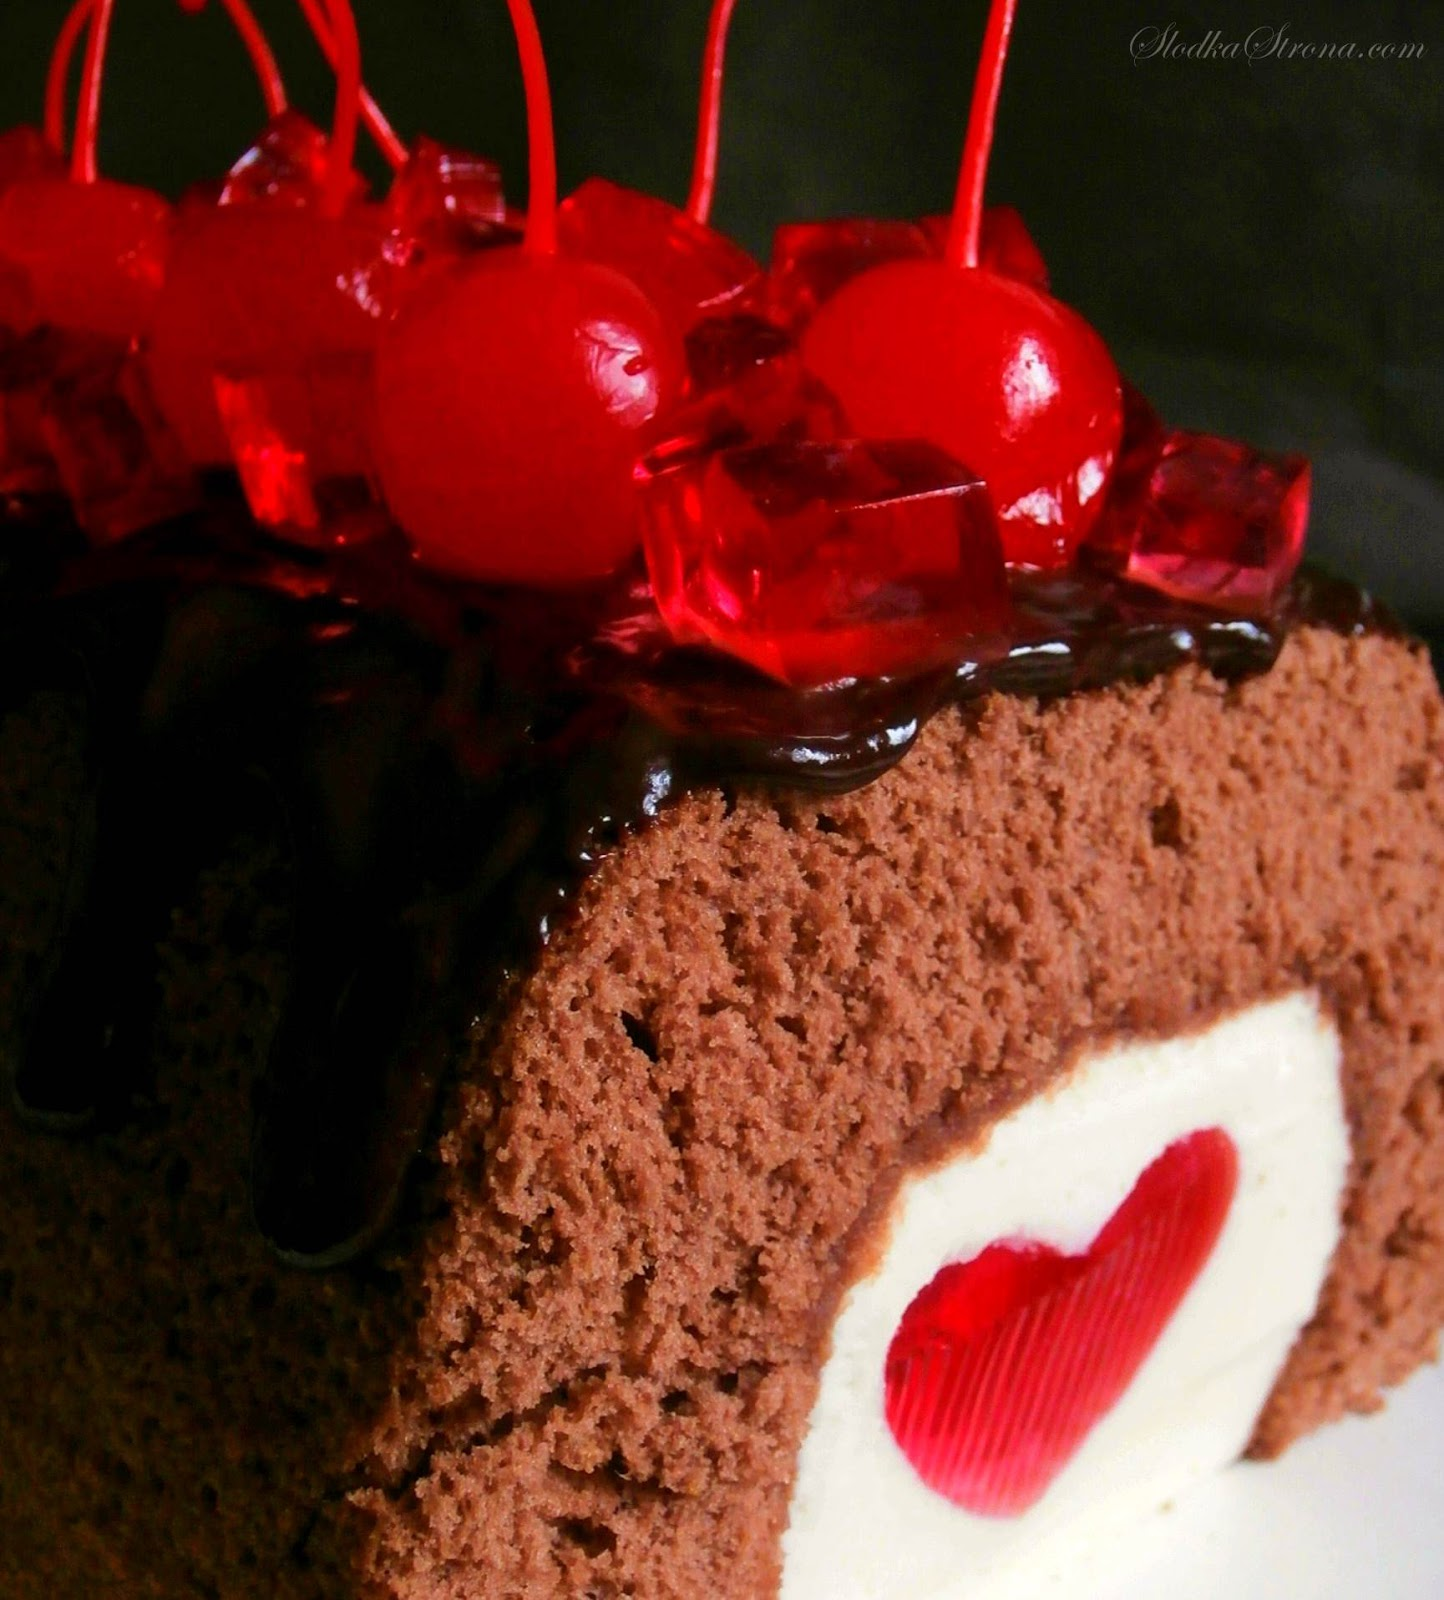 Walentynkowa Czekoladowa Rolada z Mascarpone i Serduszkową Galaretką - Przepis - Słodka Strona